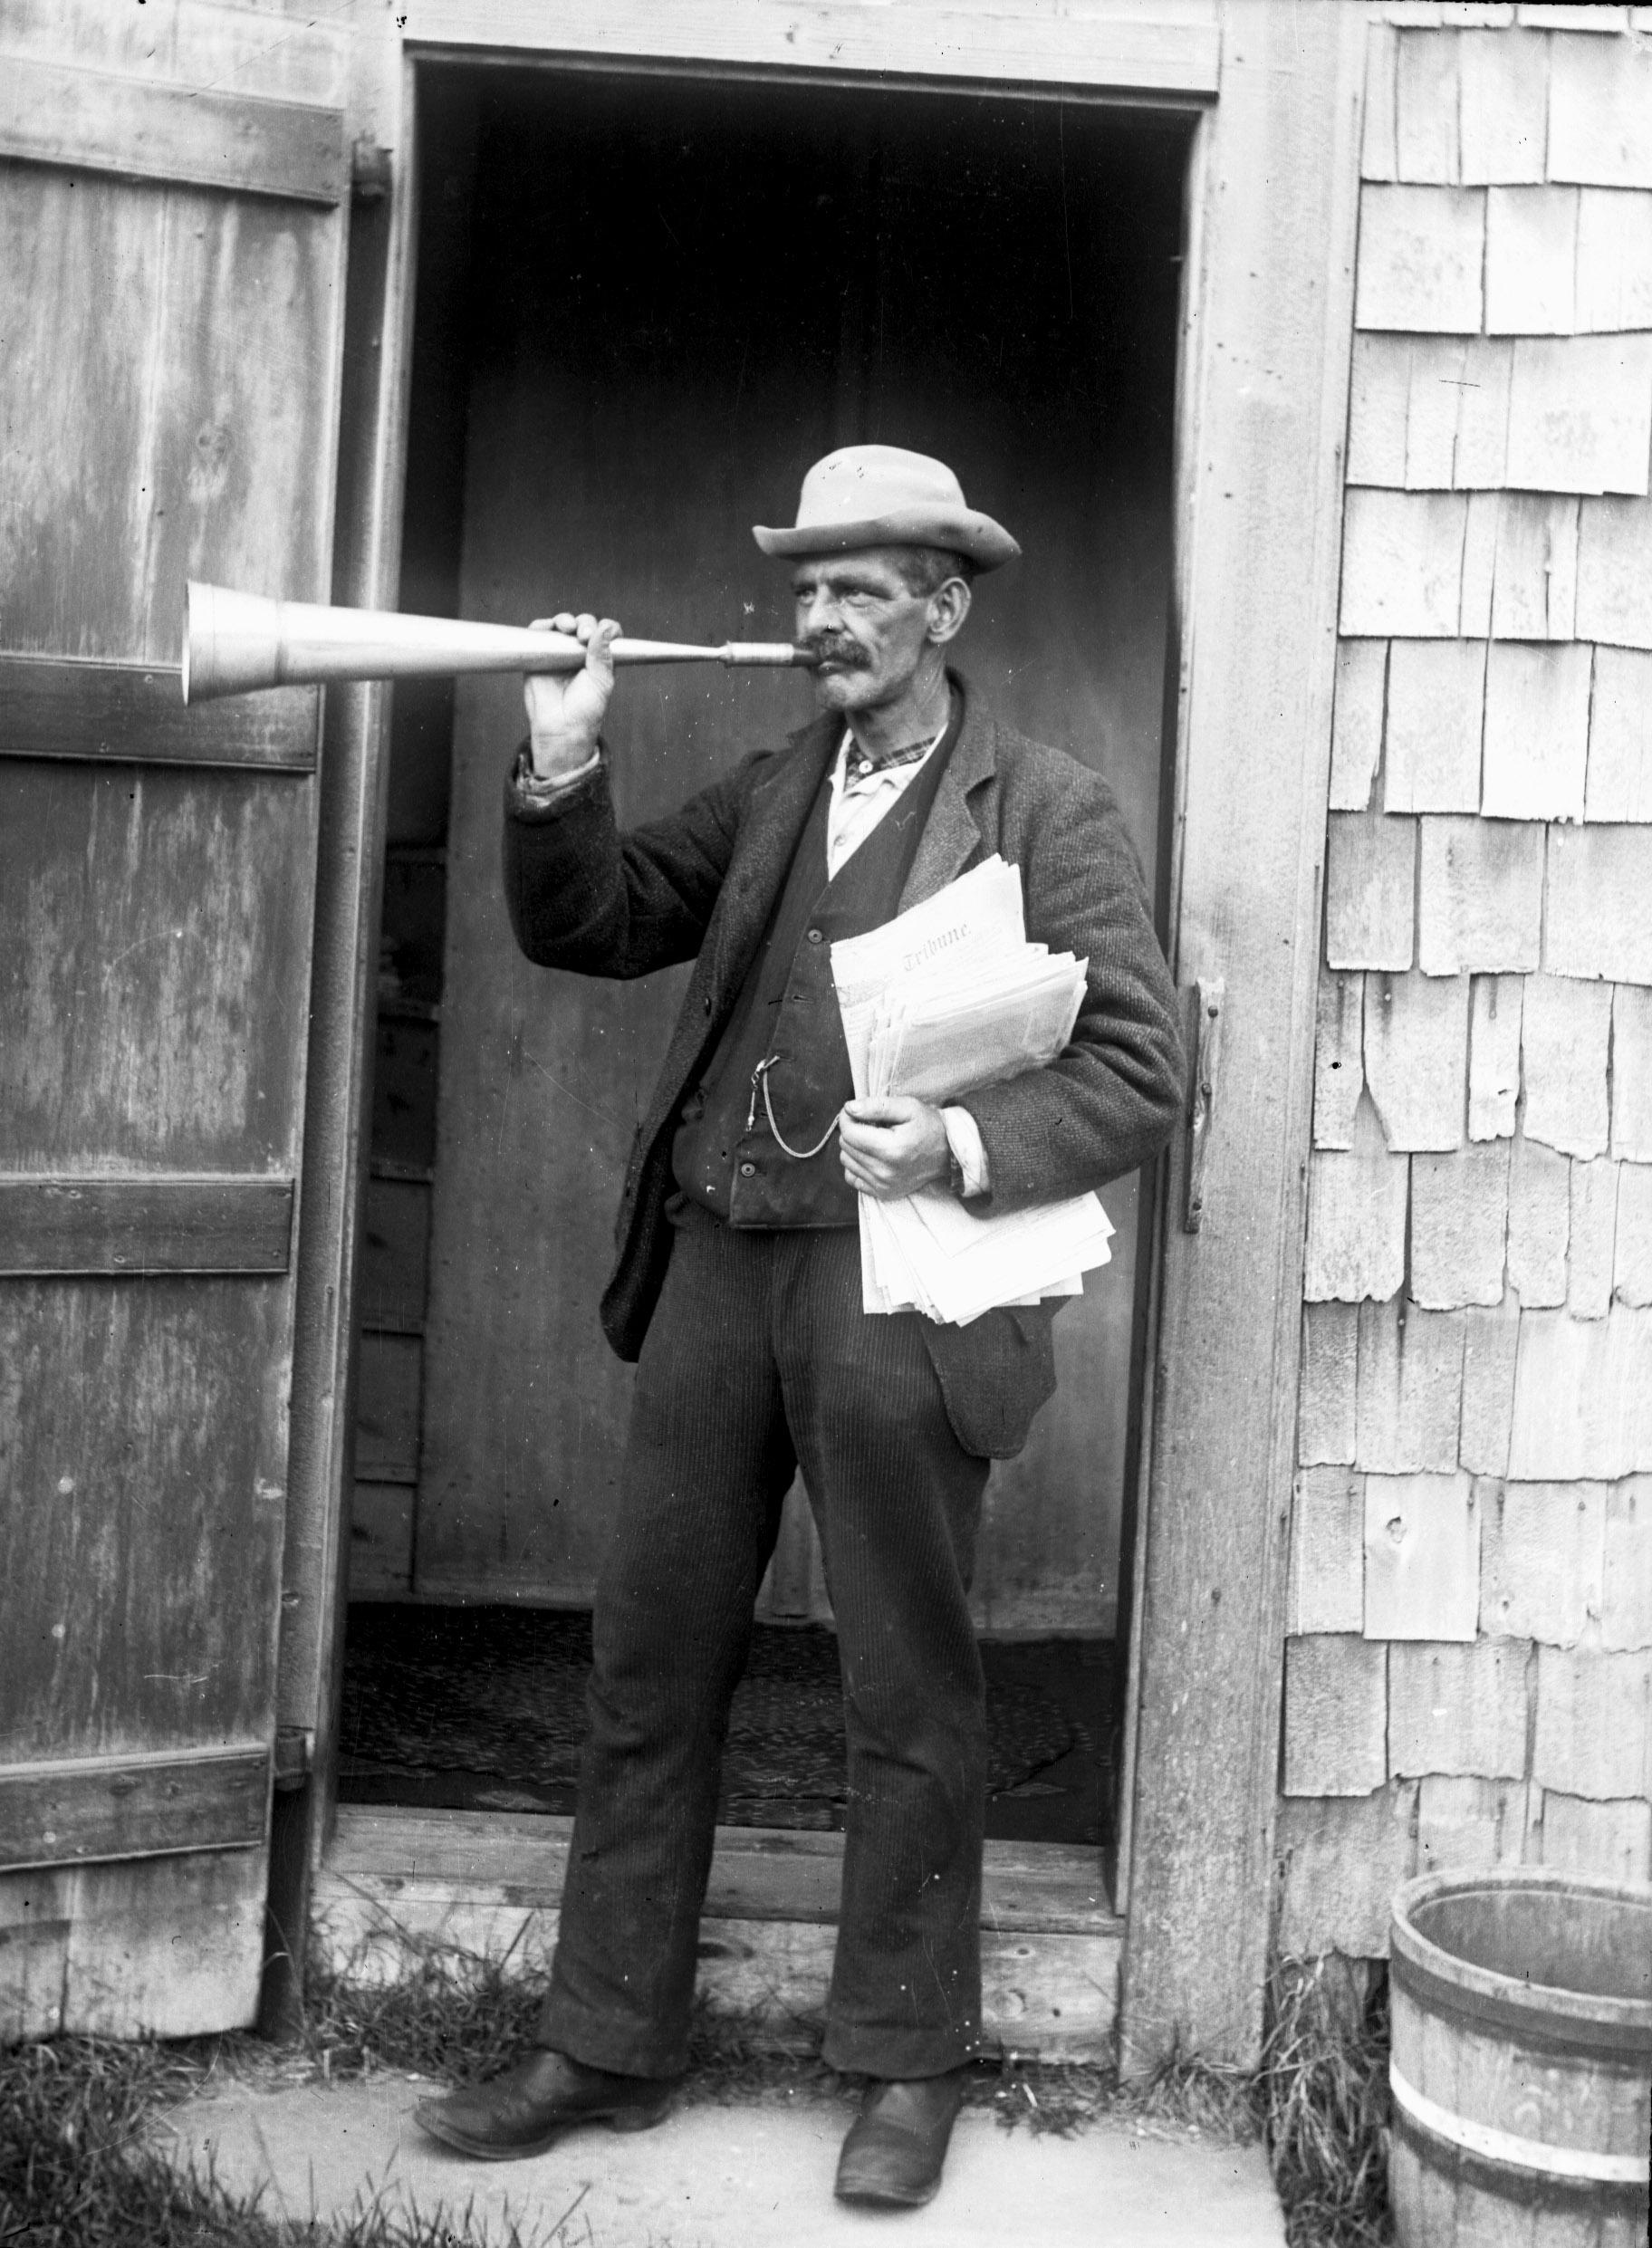 Billy_Clark_town_crier_Nantucket